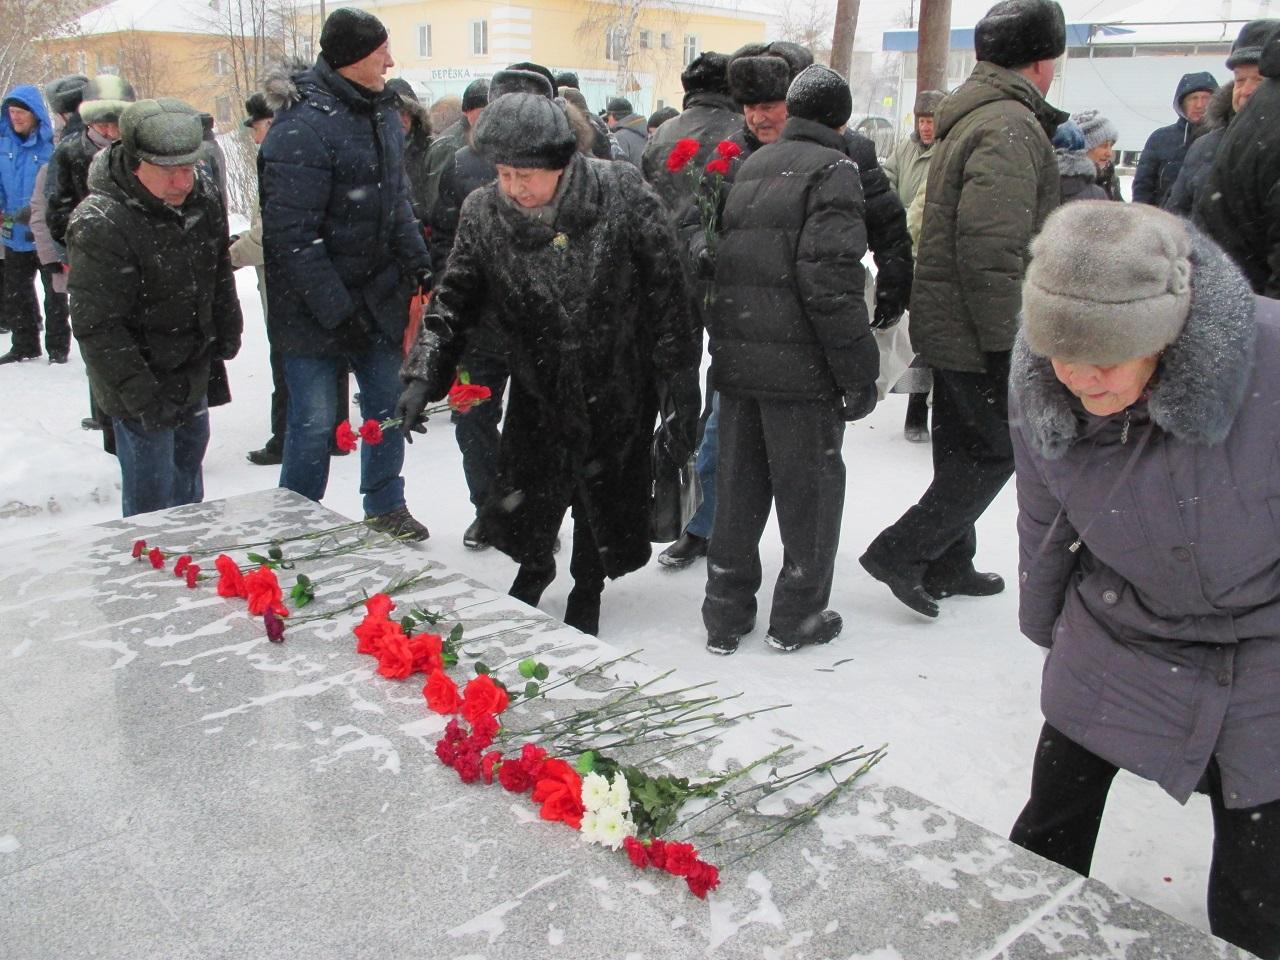 29 ноября состоялось памятное мероприятие «Павшим в сражении за камень горючий». У Памятника шахтёрскому труду собрались бывшие шахтёры и горноспасатели, чтобы возложить цветы и почтить минутой молчания погибших шахтёров.